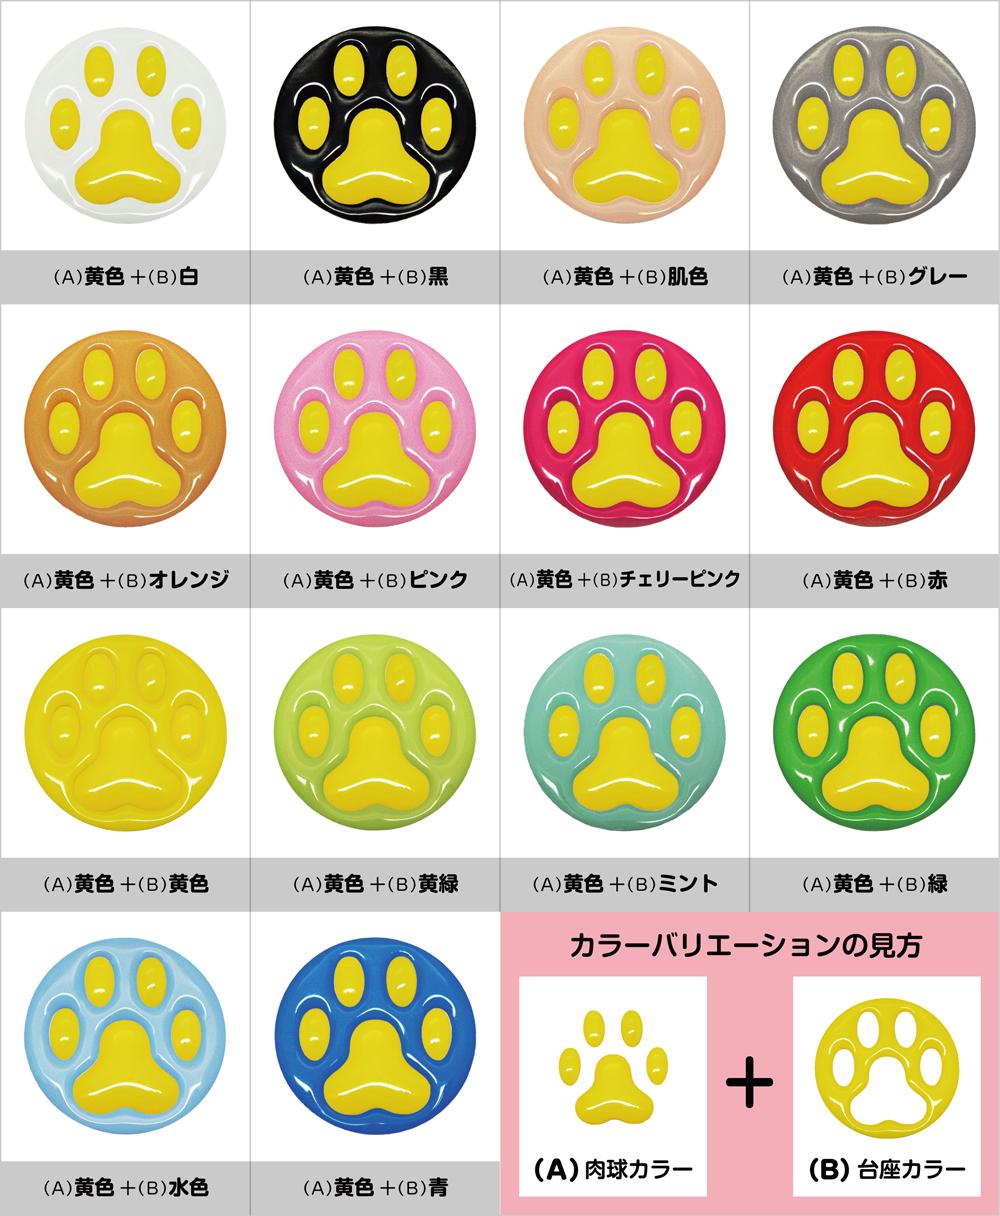 肉球ゴルフマーカー 黄色タイプ 14種